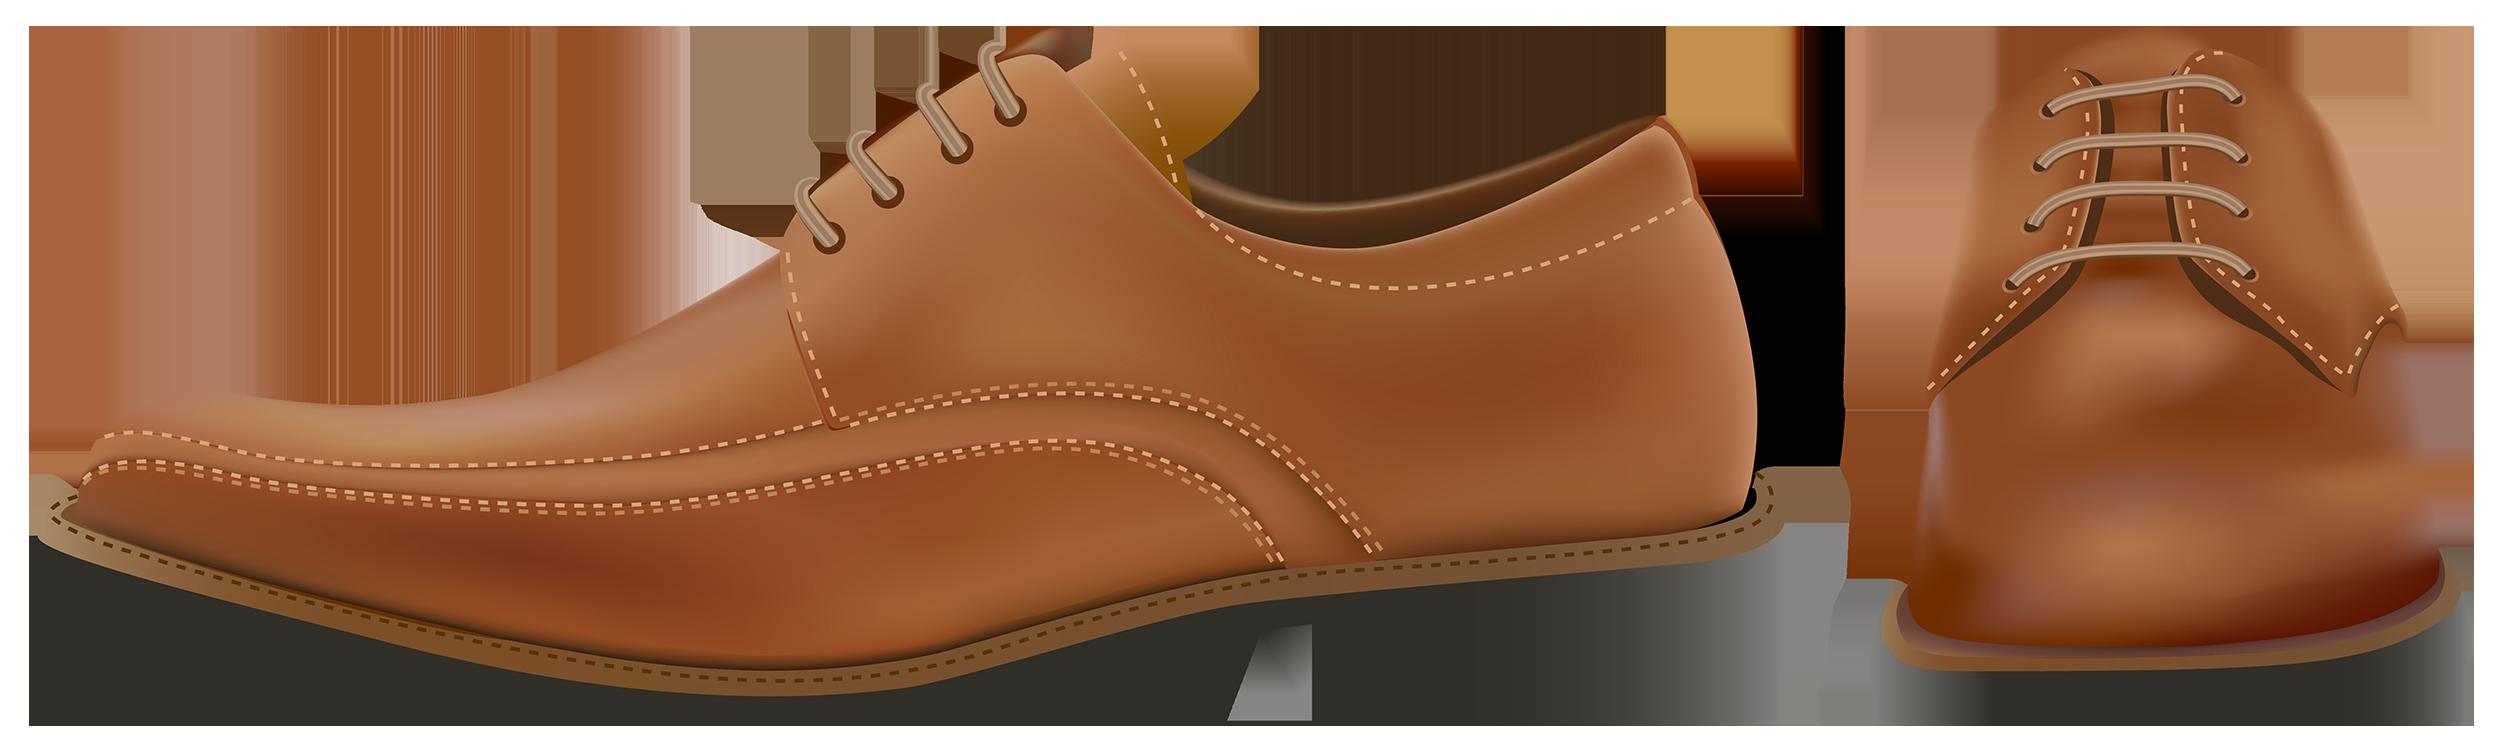 Clipart shoes clothes. Sneakers men s shoe